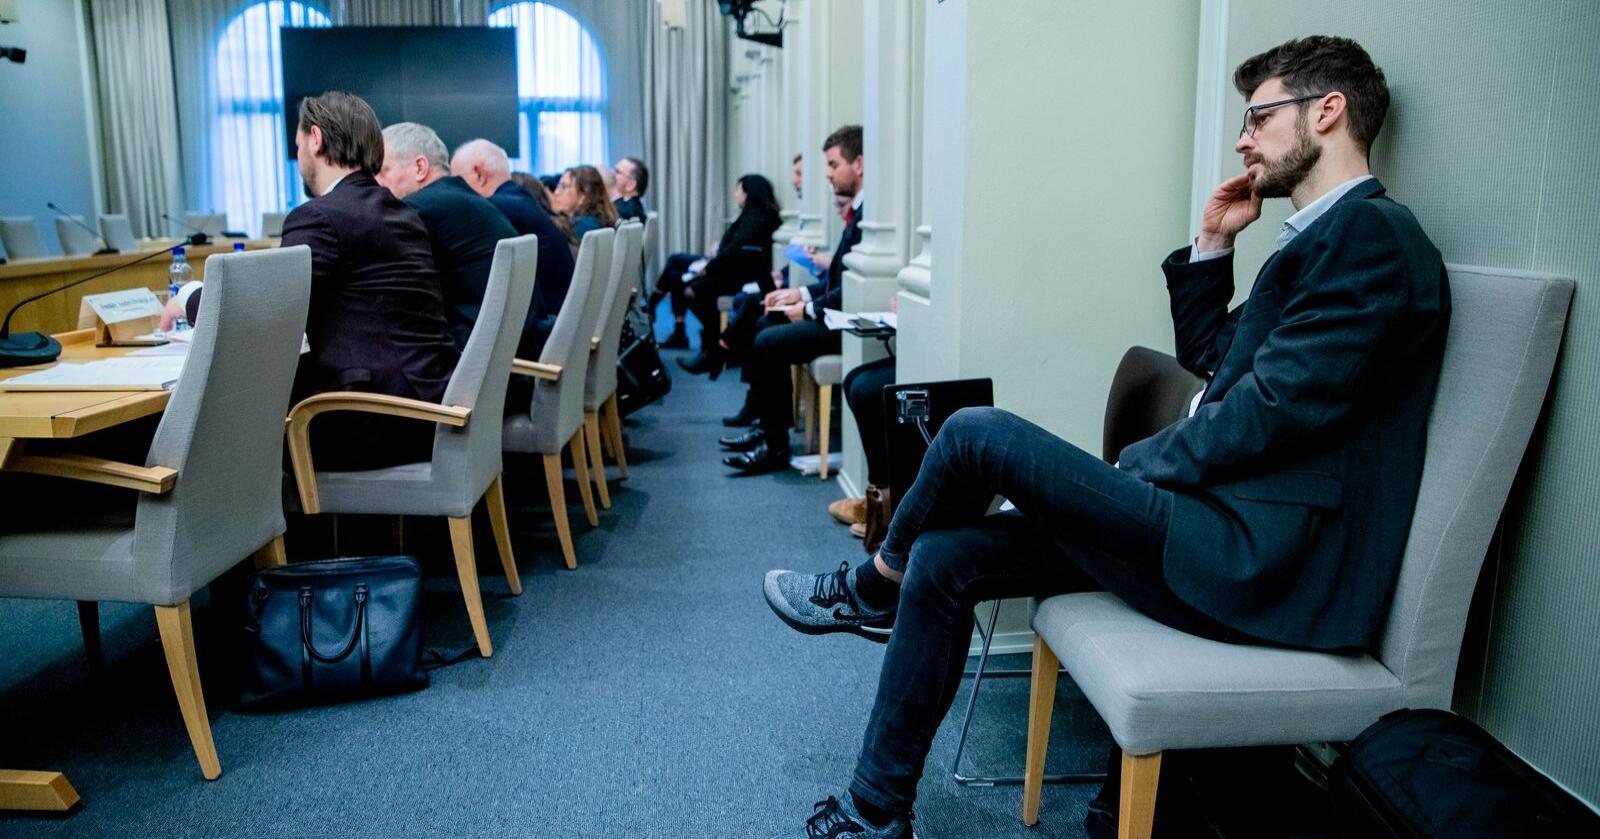 Rødt-leder Bjørnar Moxnes pønsker på en plan for neste stortingsperiode. Foto: Stian Lysberg Solum / NTB scanpix